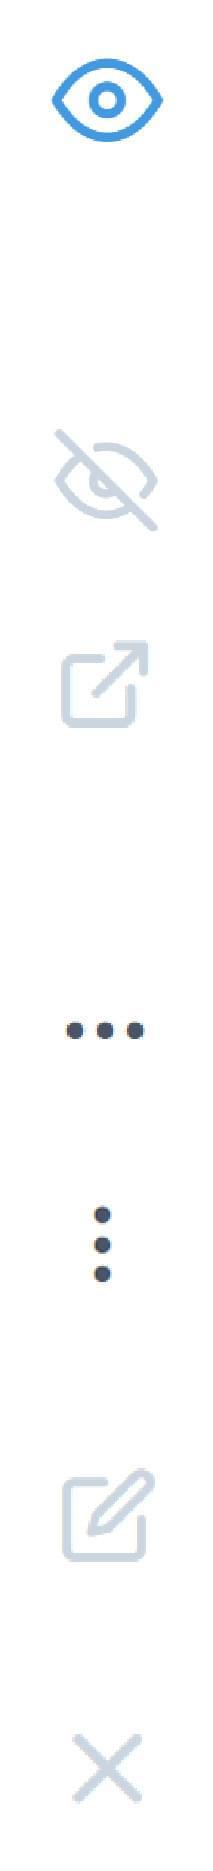 04 - iconen